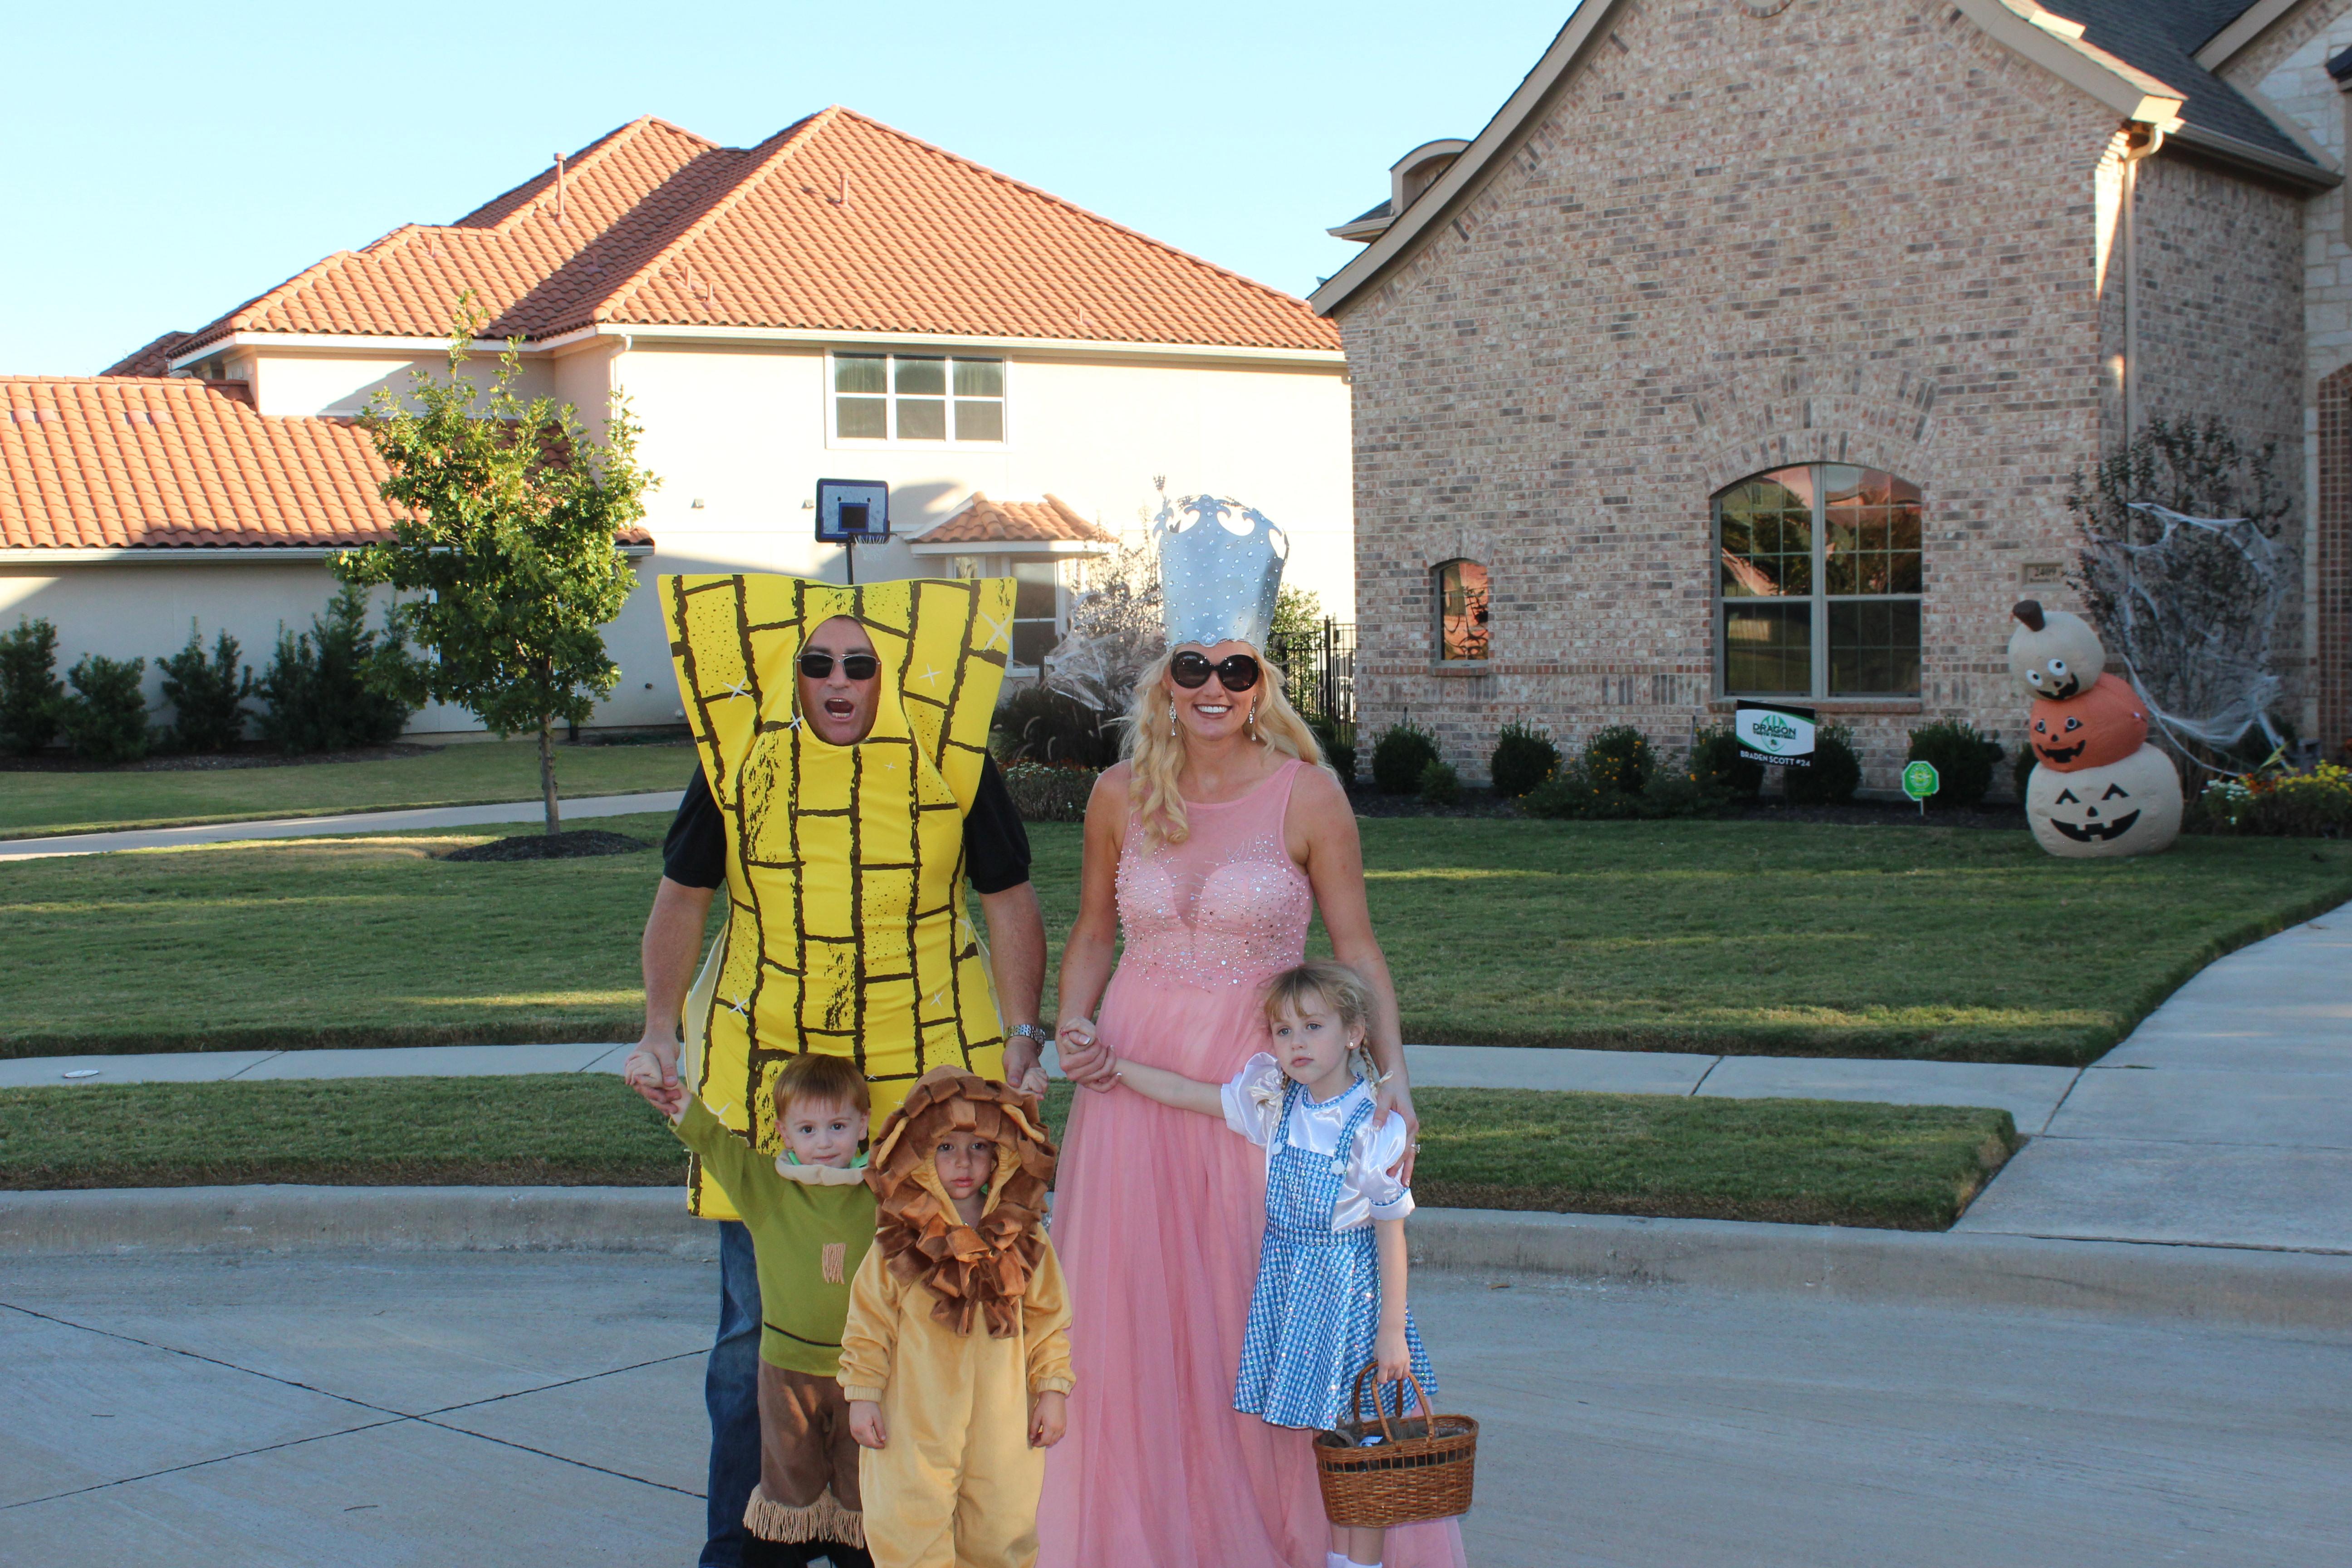 Neighborhood Halloween Party